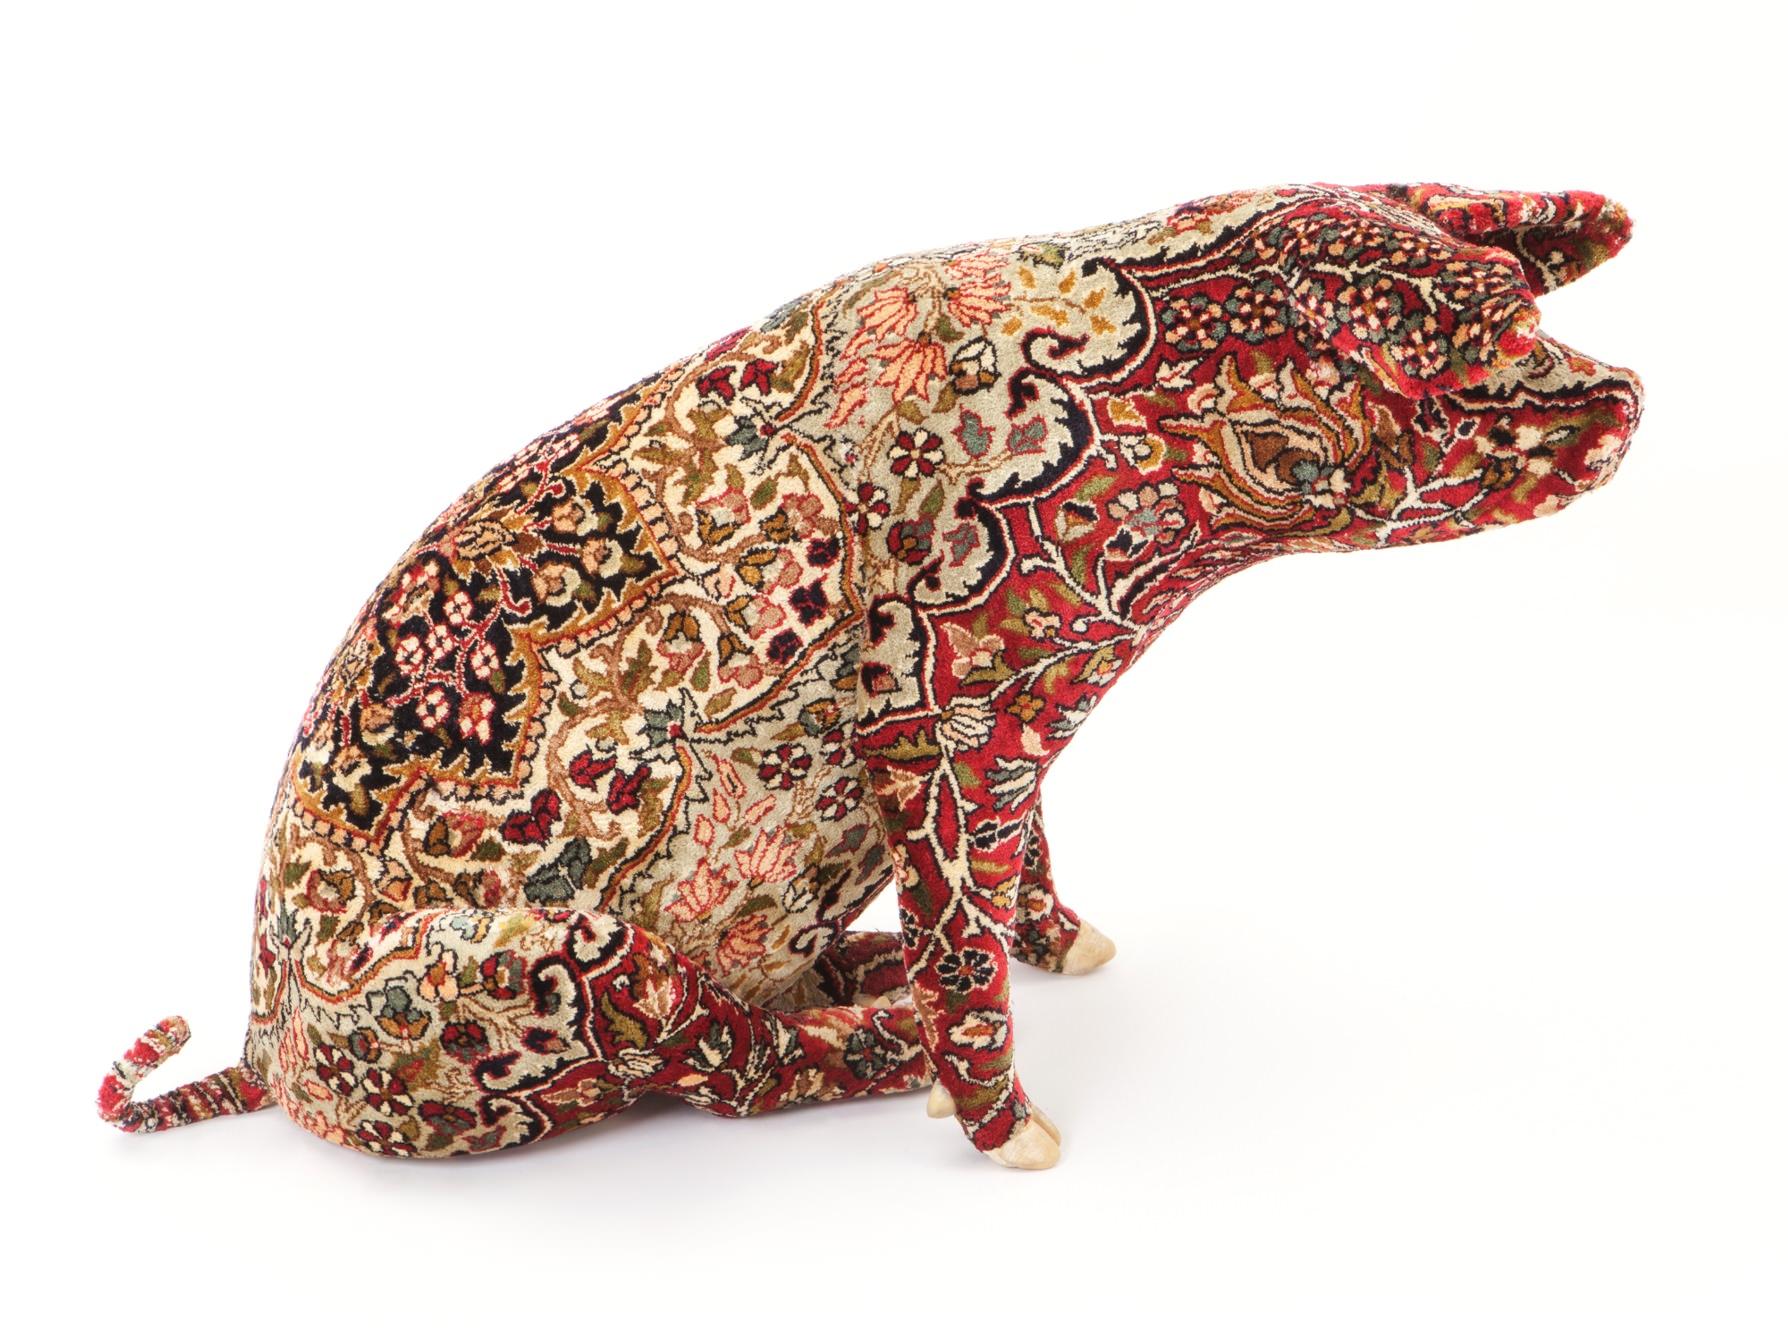 Wim Delvoye, Tabriz, 2010, L 95 x 37 x H58 cm, stuffed carpet pig